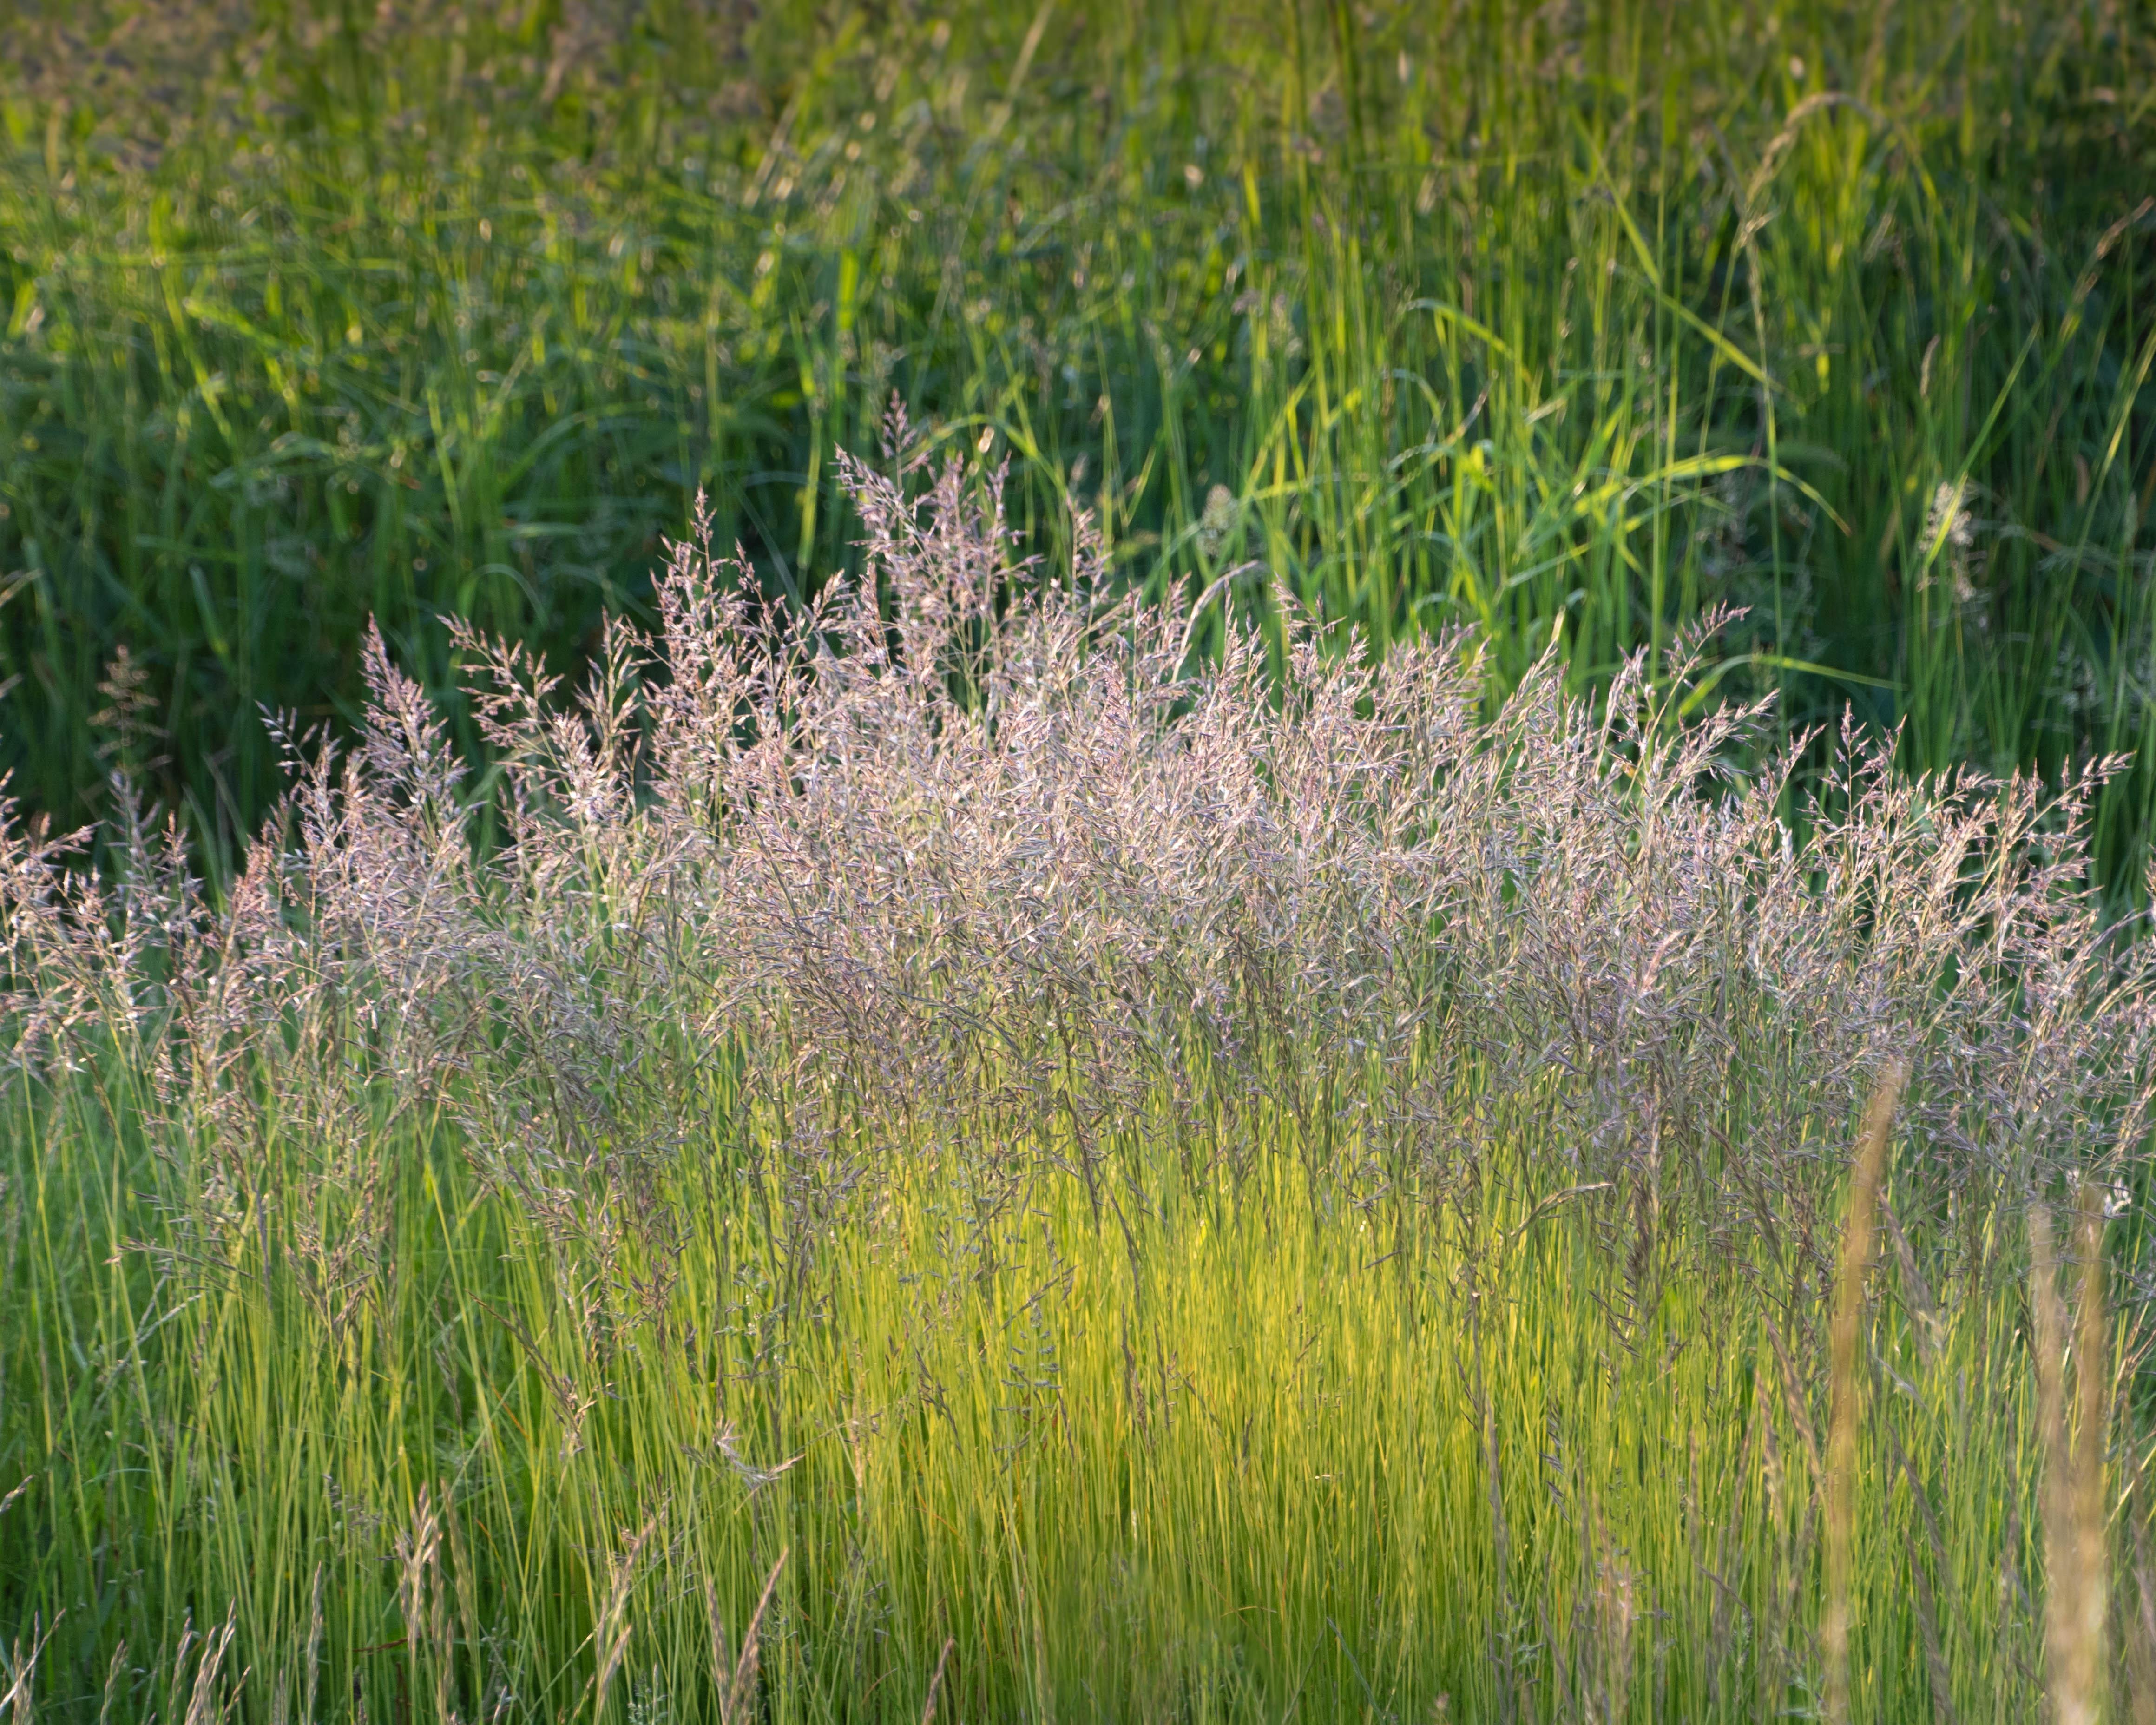 Summer_green_grass.jpg